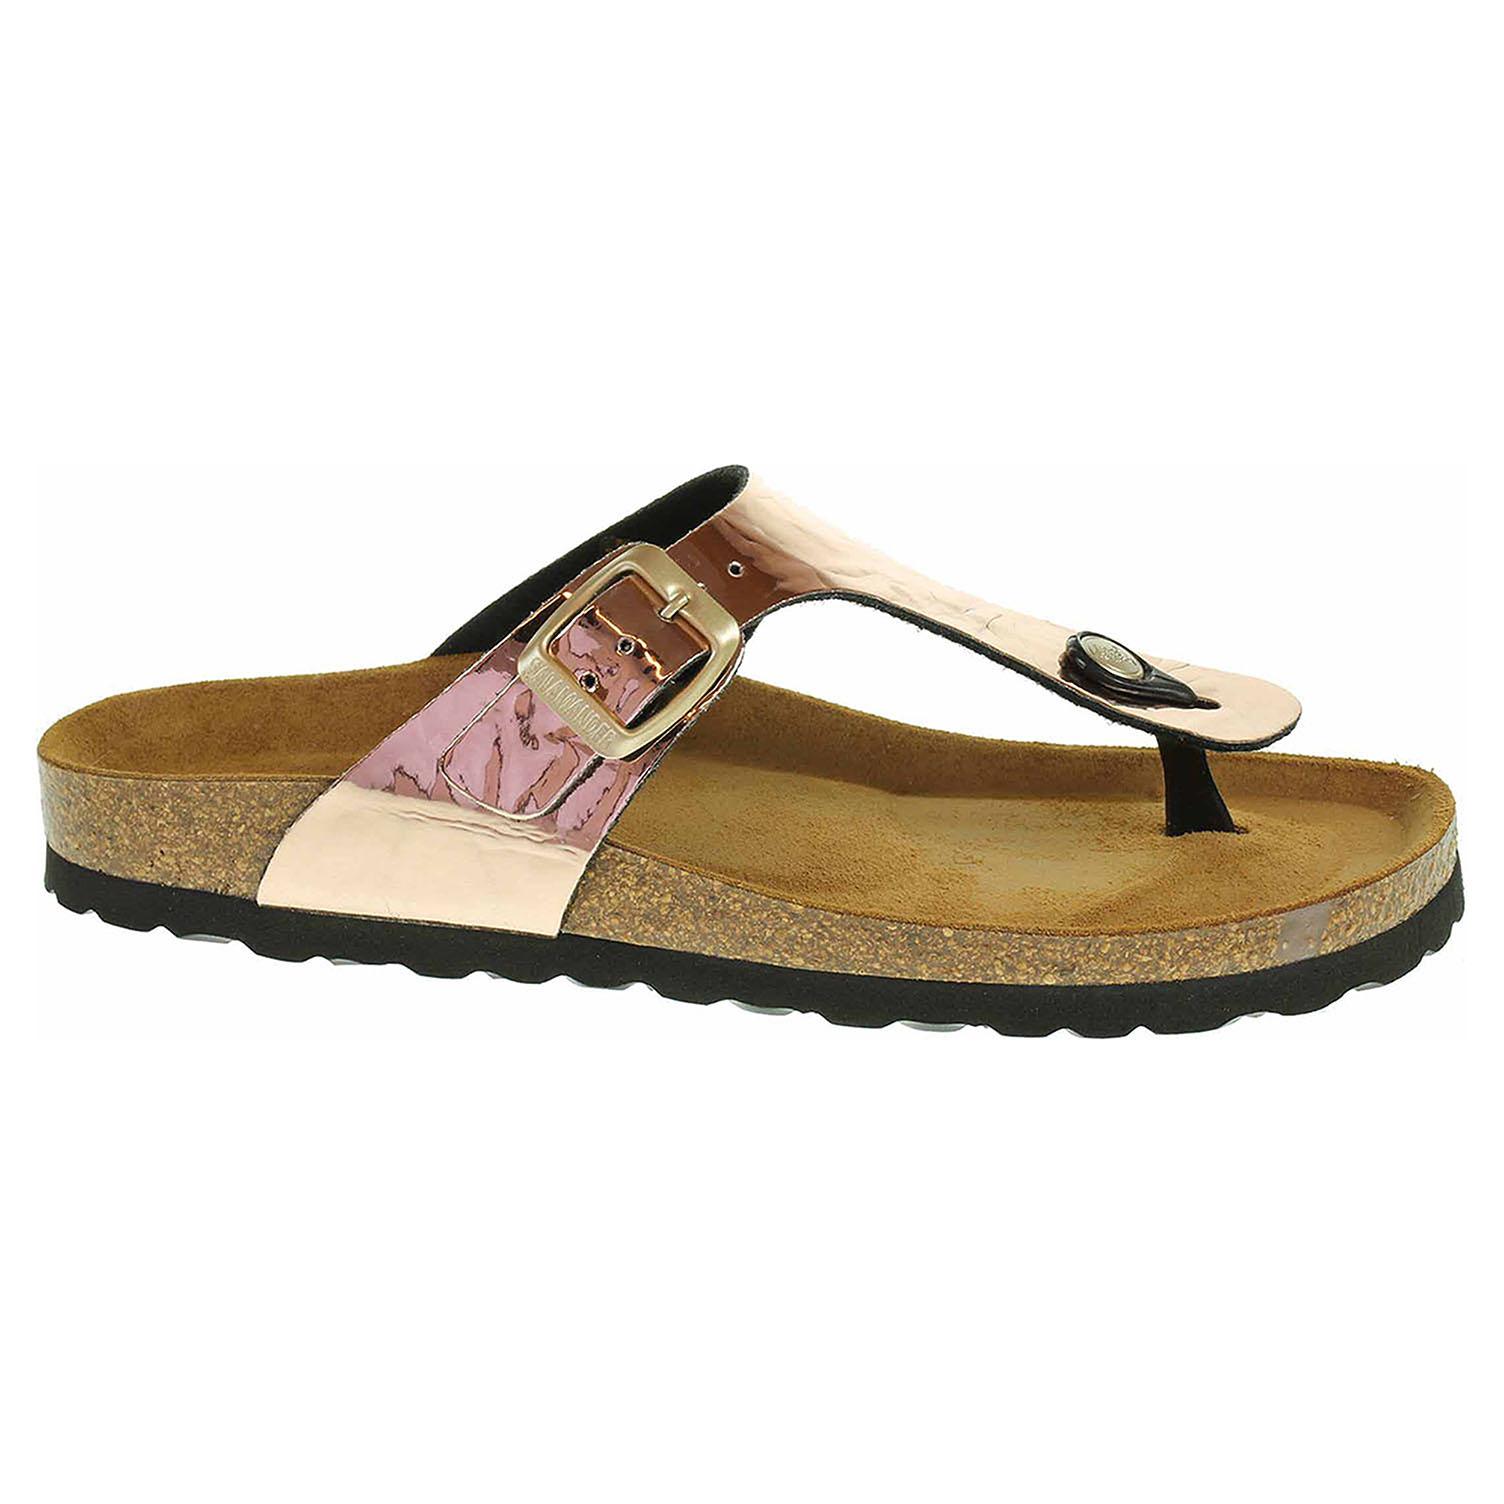 Dámské pantofle Salamander 32-13007-43 rosegold 32-13007-43 38